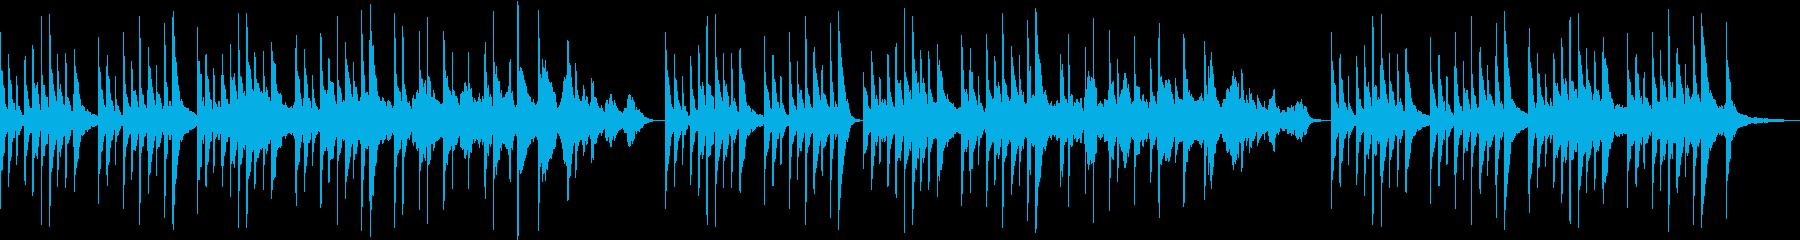 音楽の持つ安らぎ効果でグッスリ眠れるの再生済みの波形